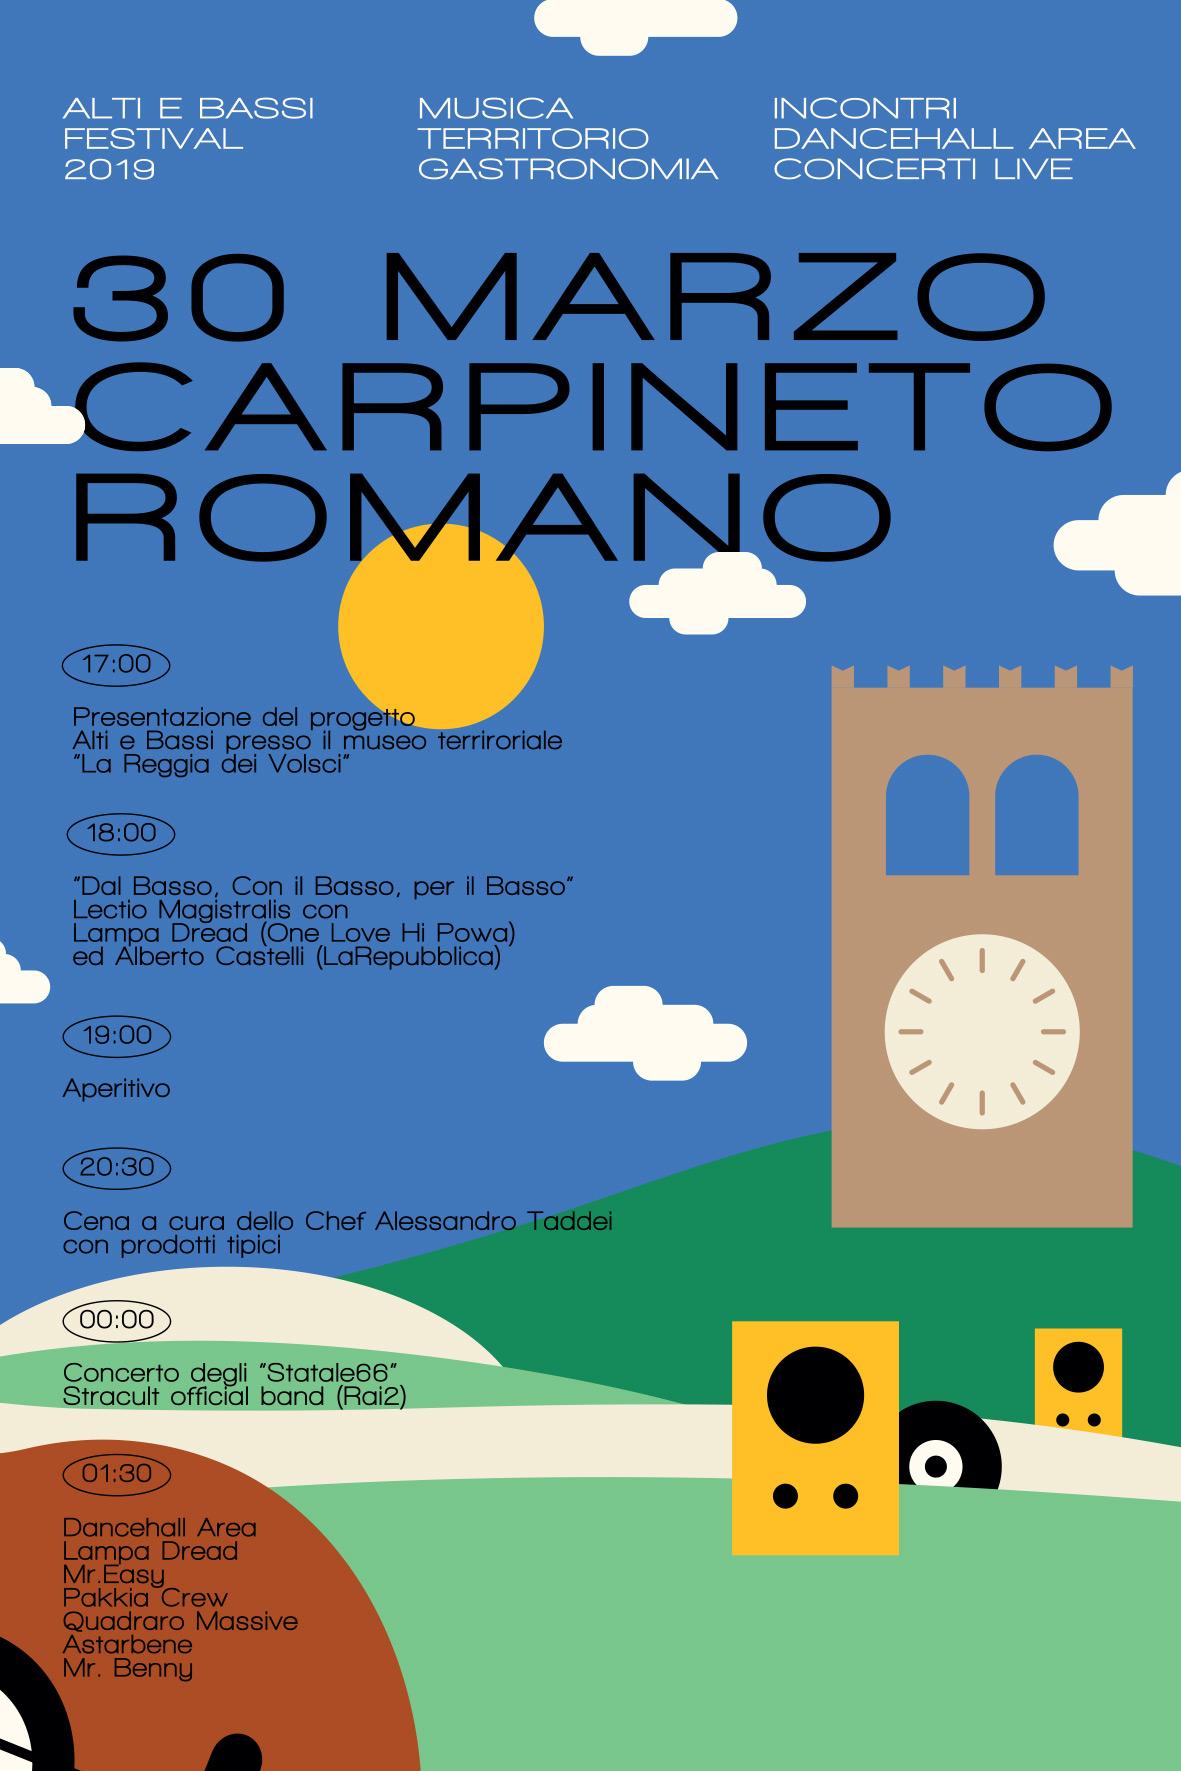 Carpineto Romano: Festival Alti e bassi @ Museo Territoriale Reggia dei Volsci | Carpineto Romano | Lazio | Italia